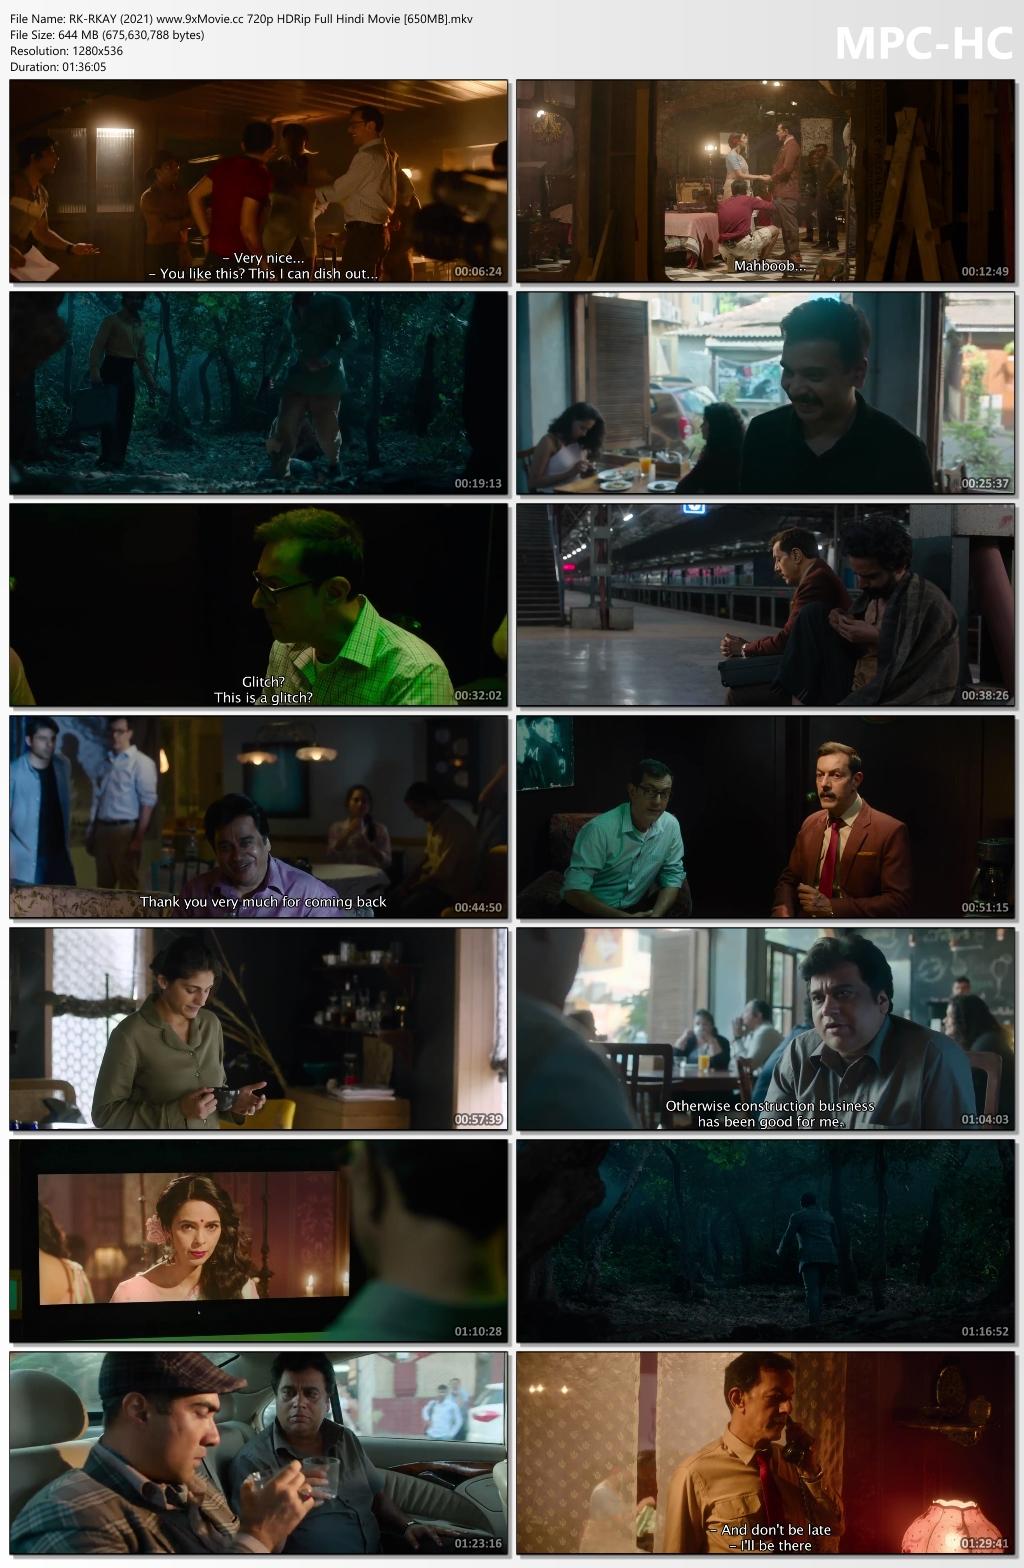 RK-RKAY-2021-www-9x-Movie-cc-720p-HDRip-Full-Hindi-Movie-650-MB-mkv